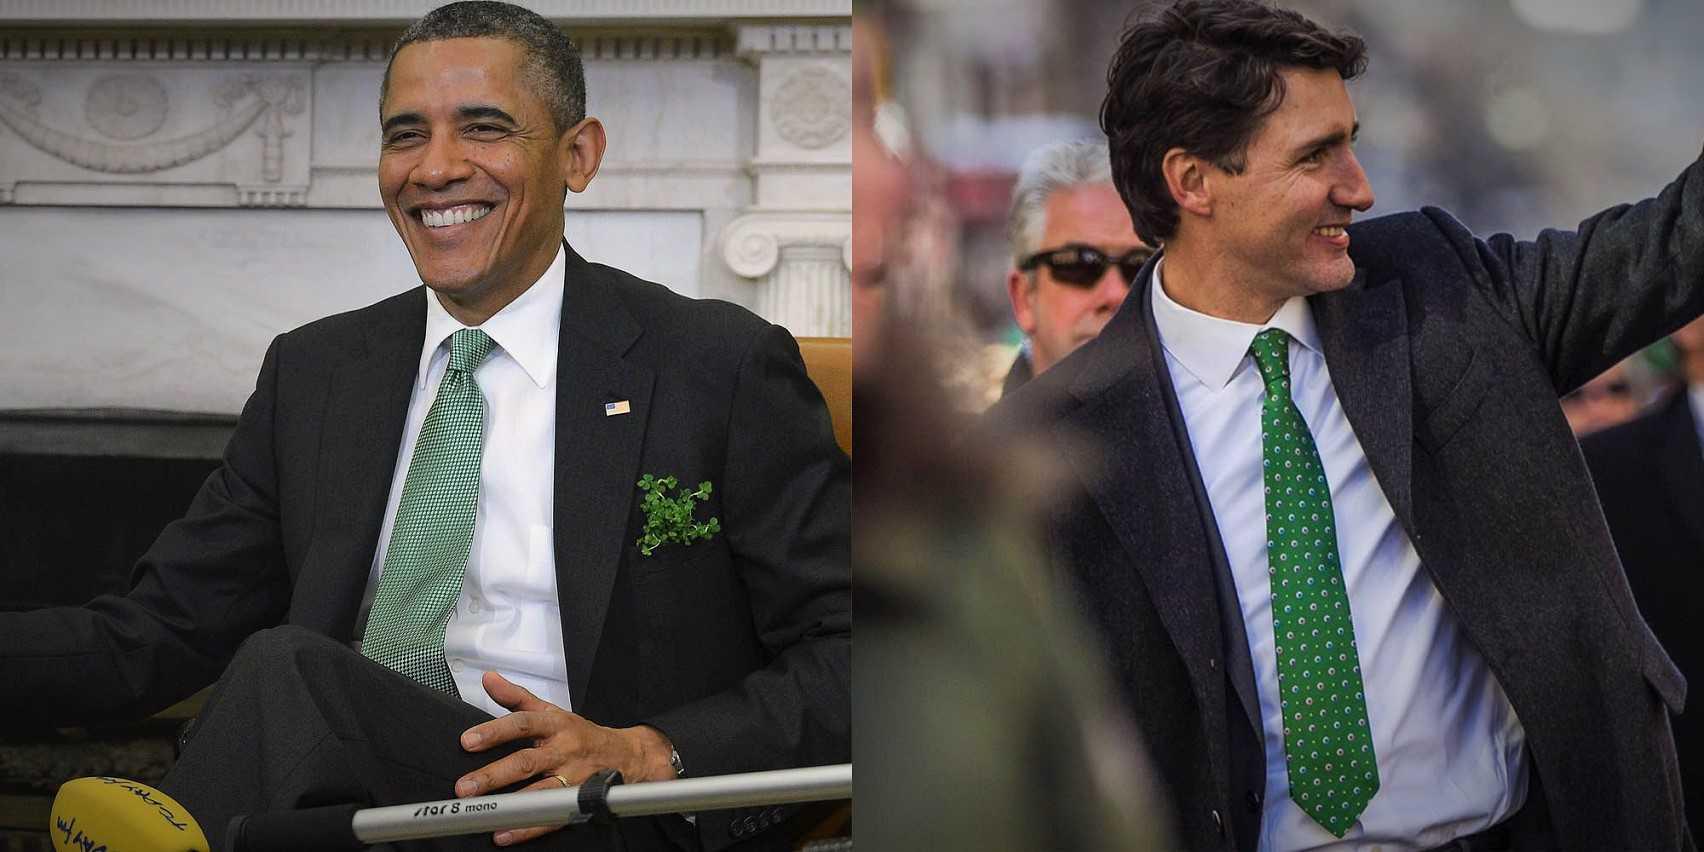 Green tie - gurusway.com